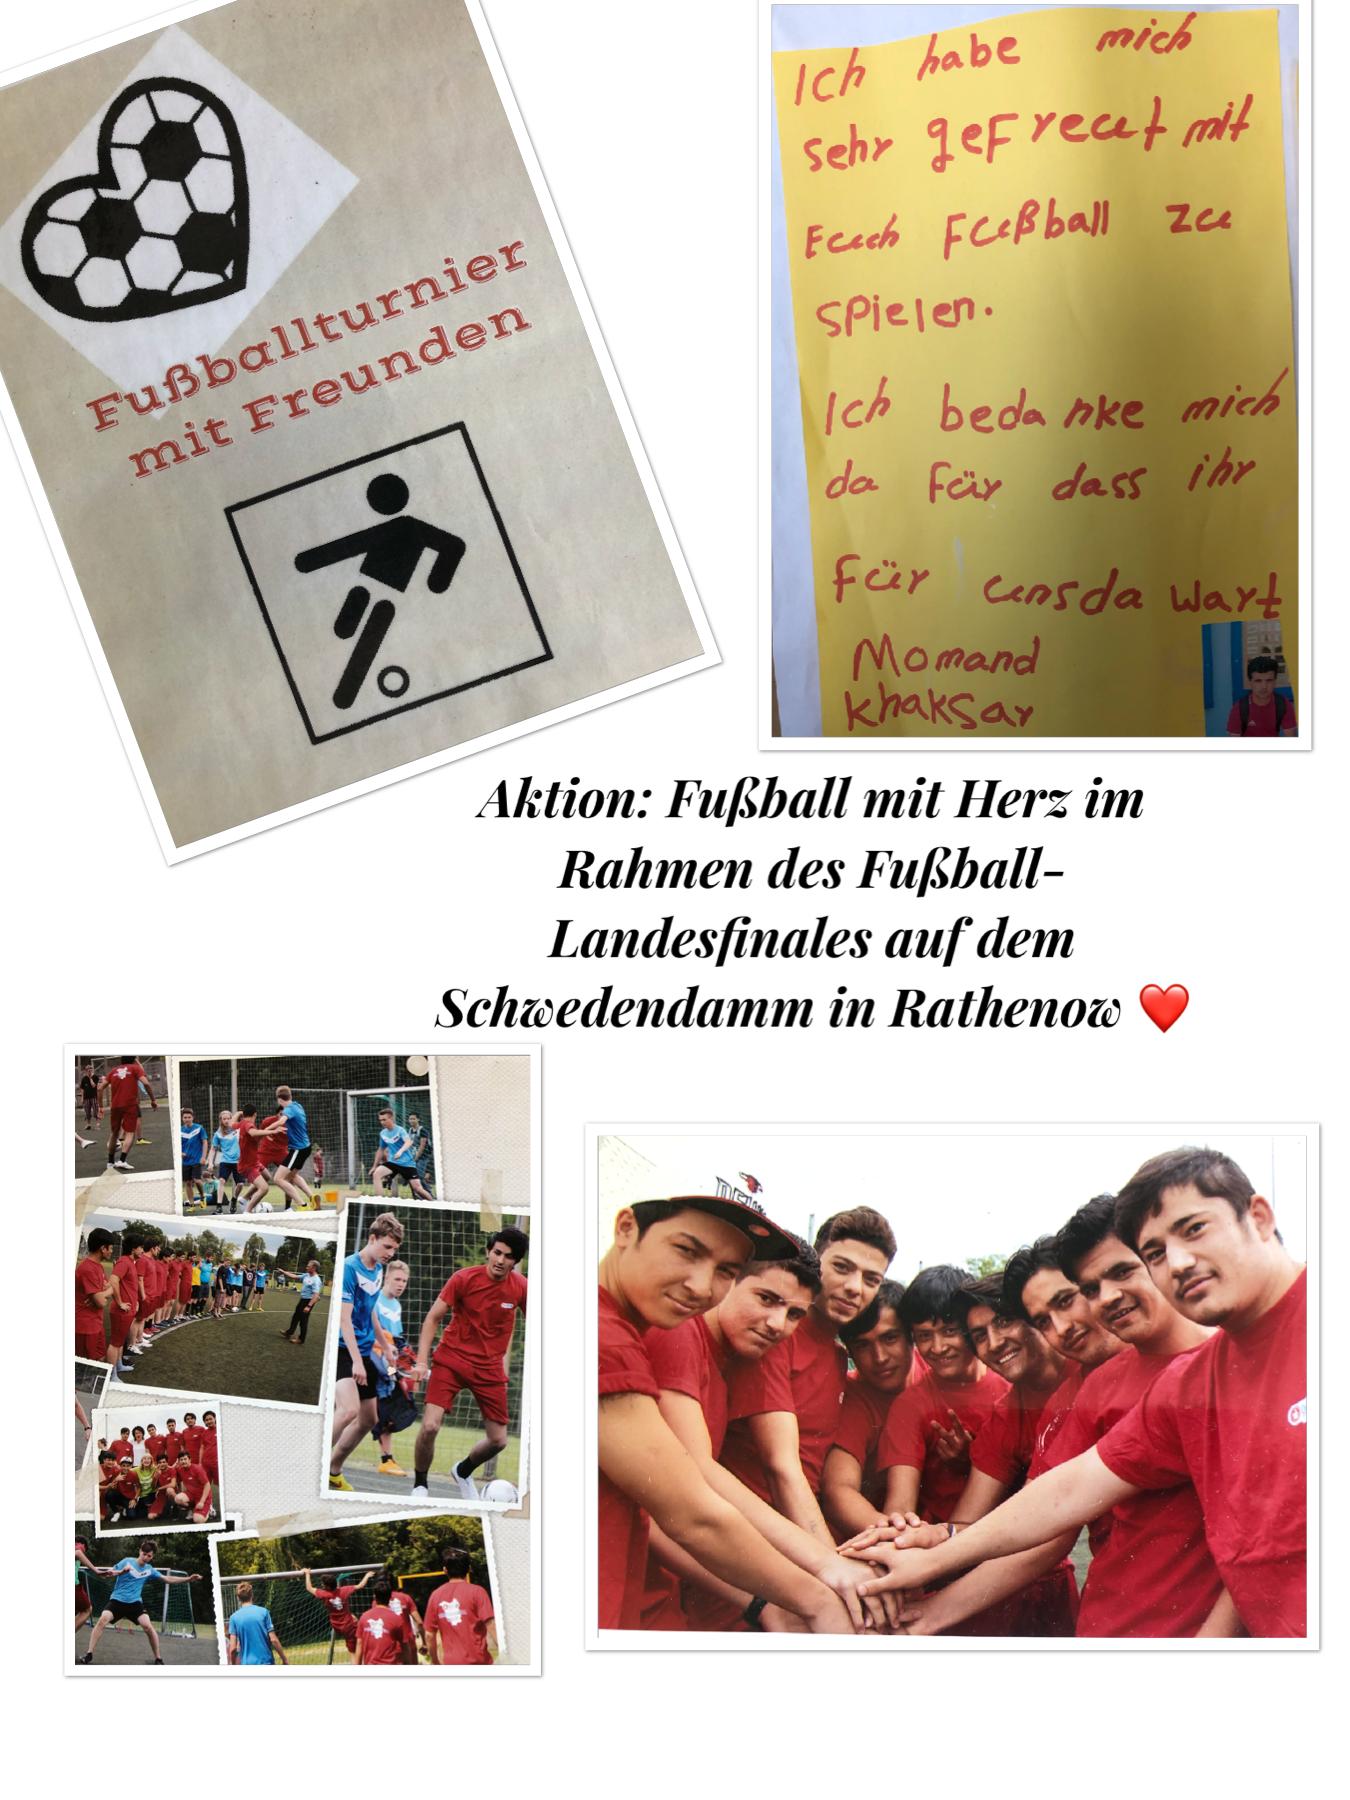 Fu_ball_mit_herz